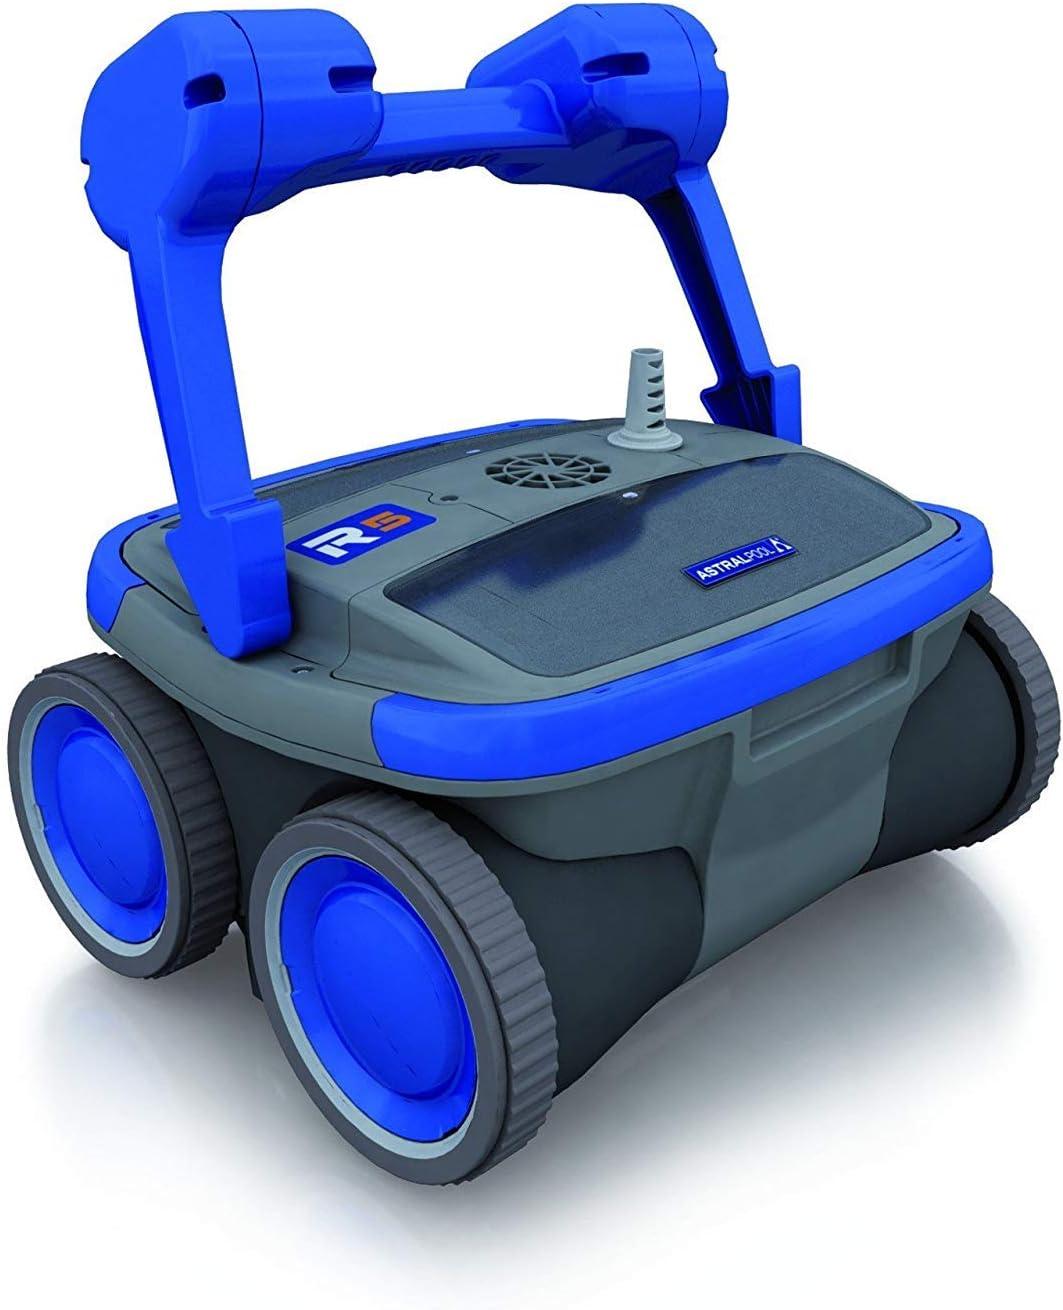 Astralpool R5 - Robot limpiafondos para piscinas (fondo y paredes ...